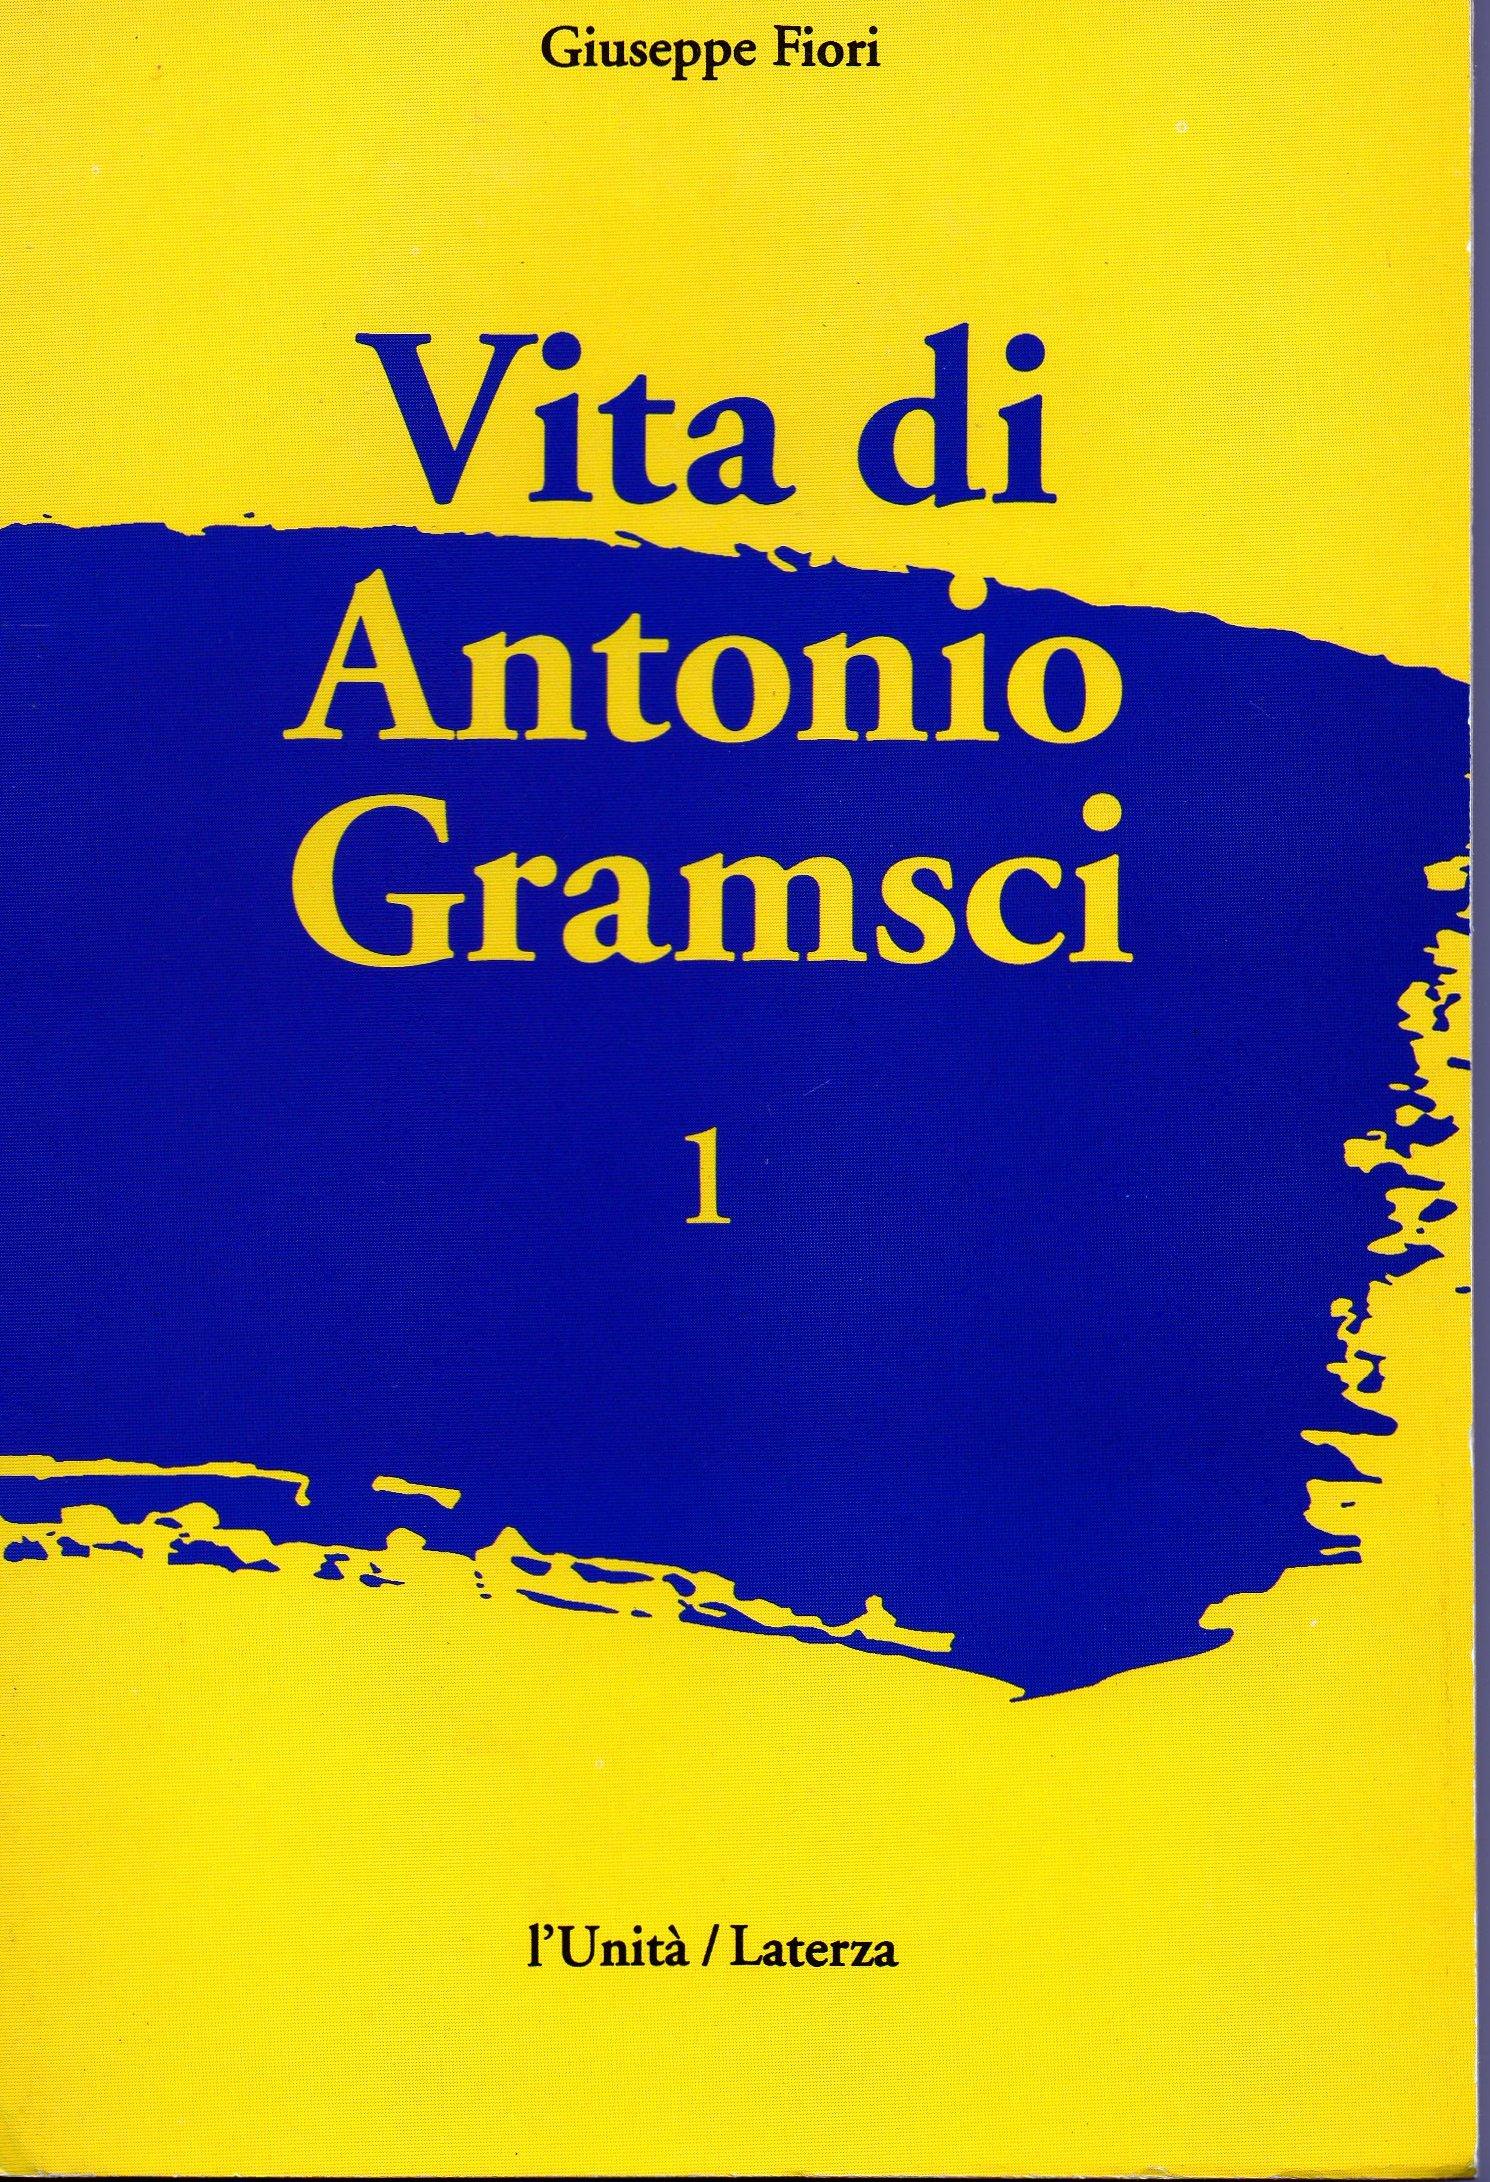 Vita di Antonio Gramsci vol. 1